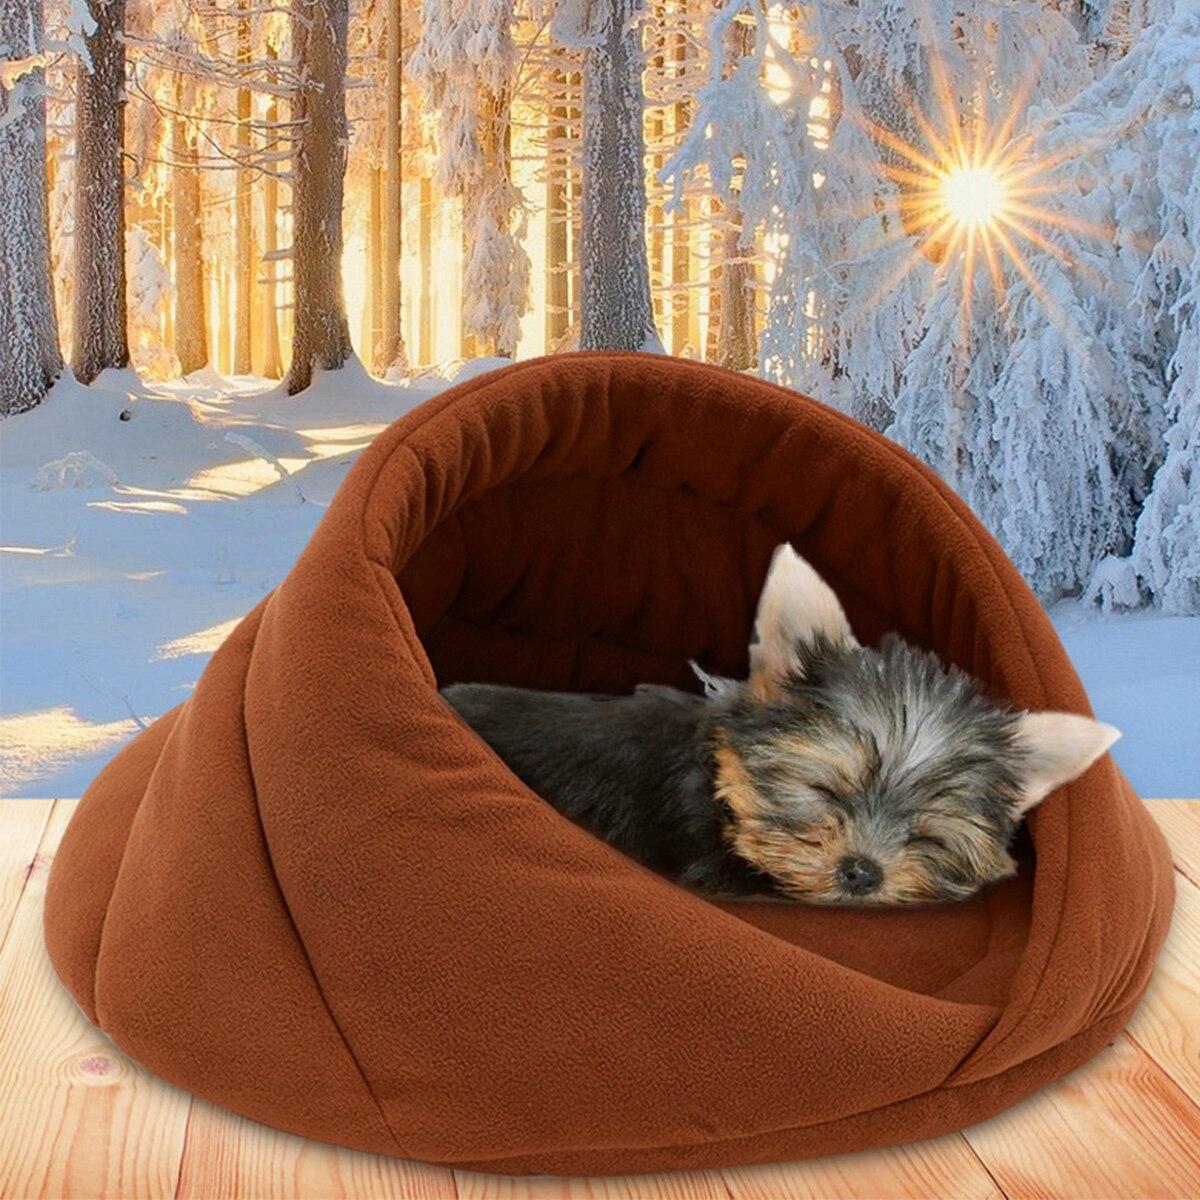 Cama de Gato cálida casa cueva zapatillas camas alfombra para perro tapete de gatito nido perrera cojín del sofá suave saco de dormir esteras para Gatos Perros suministros